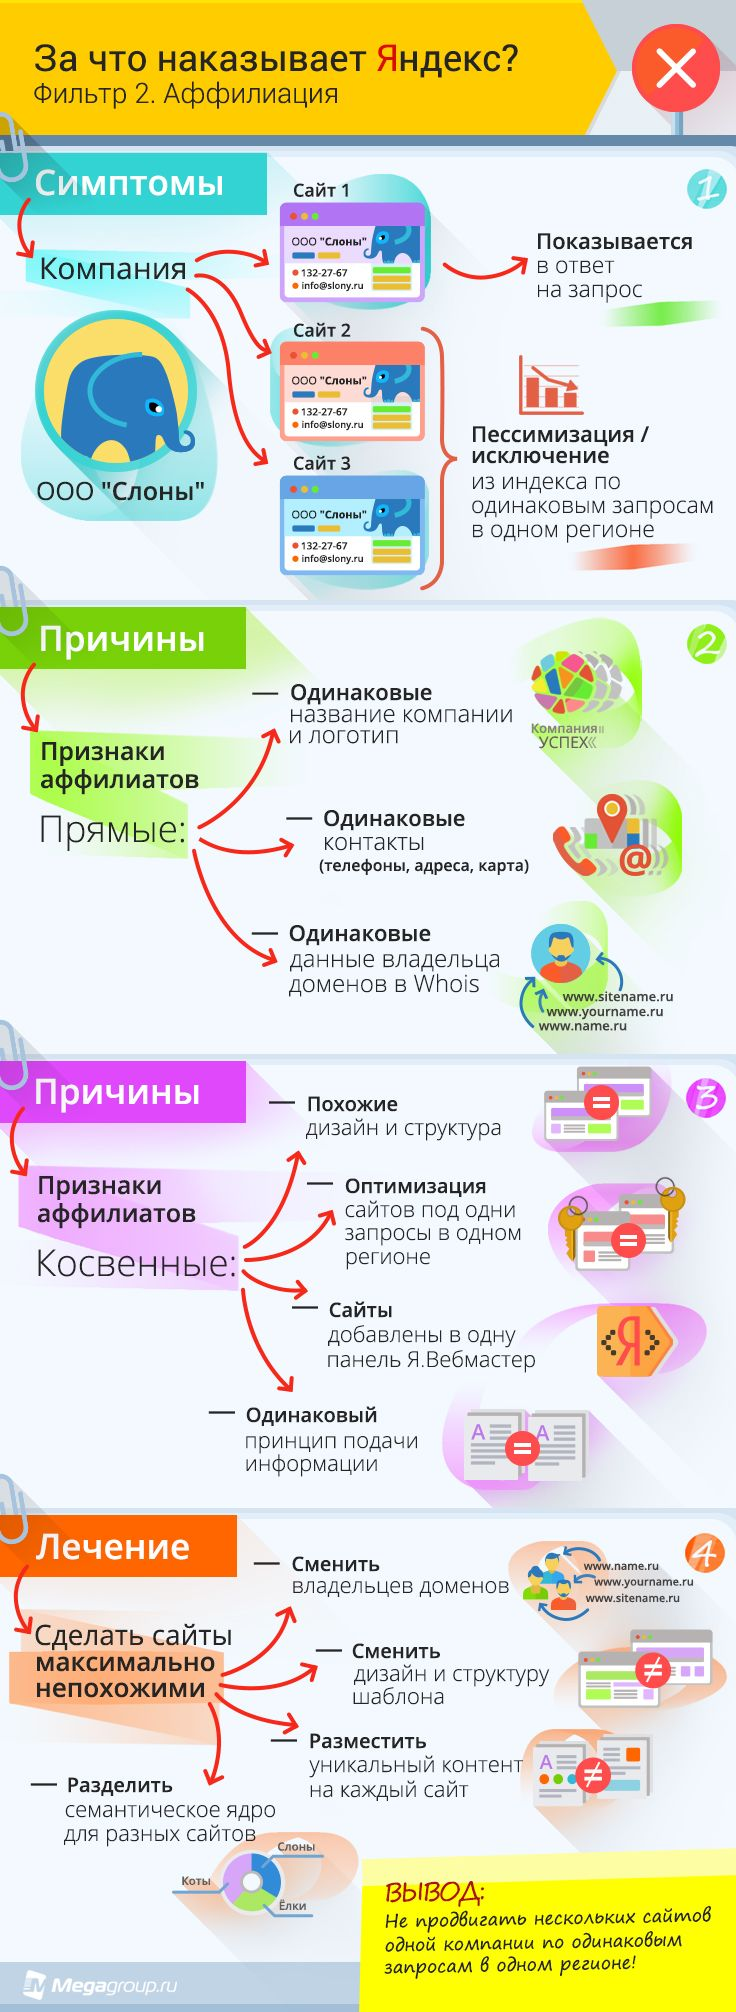 Фильтр от Яндекса: Аффилиация Аффилиатами называют сайты, связанные друг с другом и принадлежащие одному владельцу, но не являющиеся зеркалами. Поисковые системы полагают, что аффилиаты не представляют ценности для пользователей и не жалуют, когда высокие позиции в выдаче занимают сайты, принадлежащие одному владельцу. Поэтому Яндекс может применить к такого рода сайтам фильтр аффилиации. В нашей инфографике показано, по каким признакам распознаются аффилированные сайт